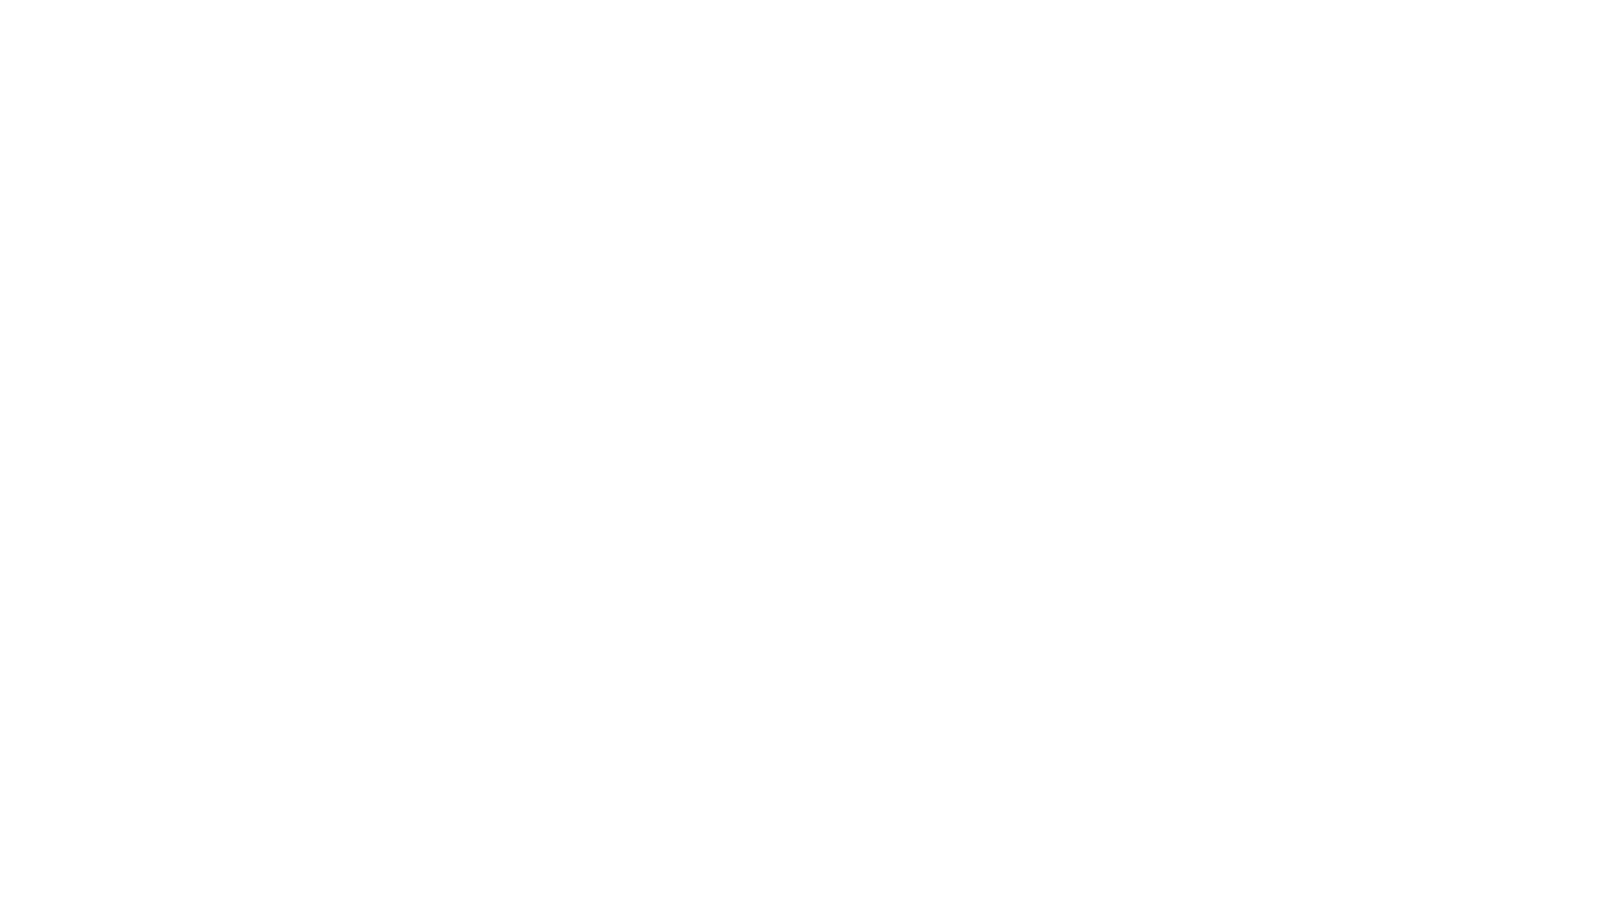 Veja um especial preparado especialmente para o integrante da FJV.  Mais de 10 minutos de pura Força Jovem do Vasco.  Não esqueça, inscreva-se no canal, ative o sininho e compartilhe.  Apoie o canal TV Força, para obter acesso aos seguintes benefícios: https://www.youtube.com/channel/UCbp-w7OhW33qLRXVWvK2Acw/join  UM NOVO CONCEITO!!  https://www.fjv.com.br